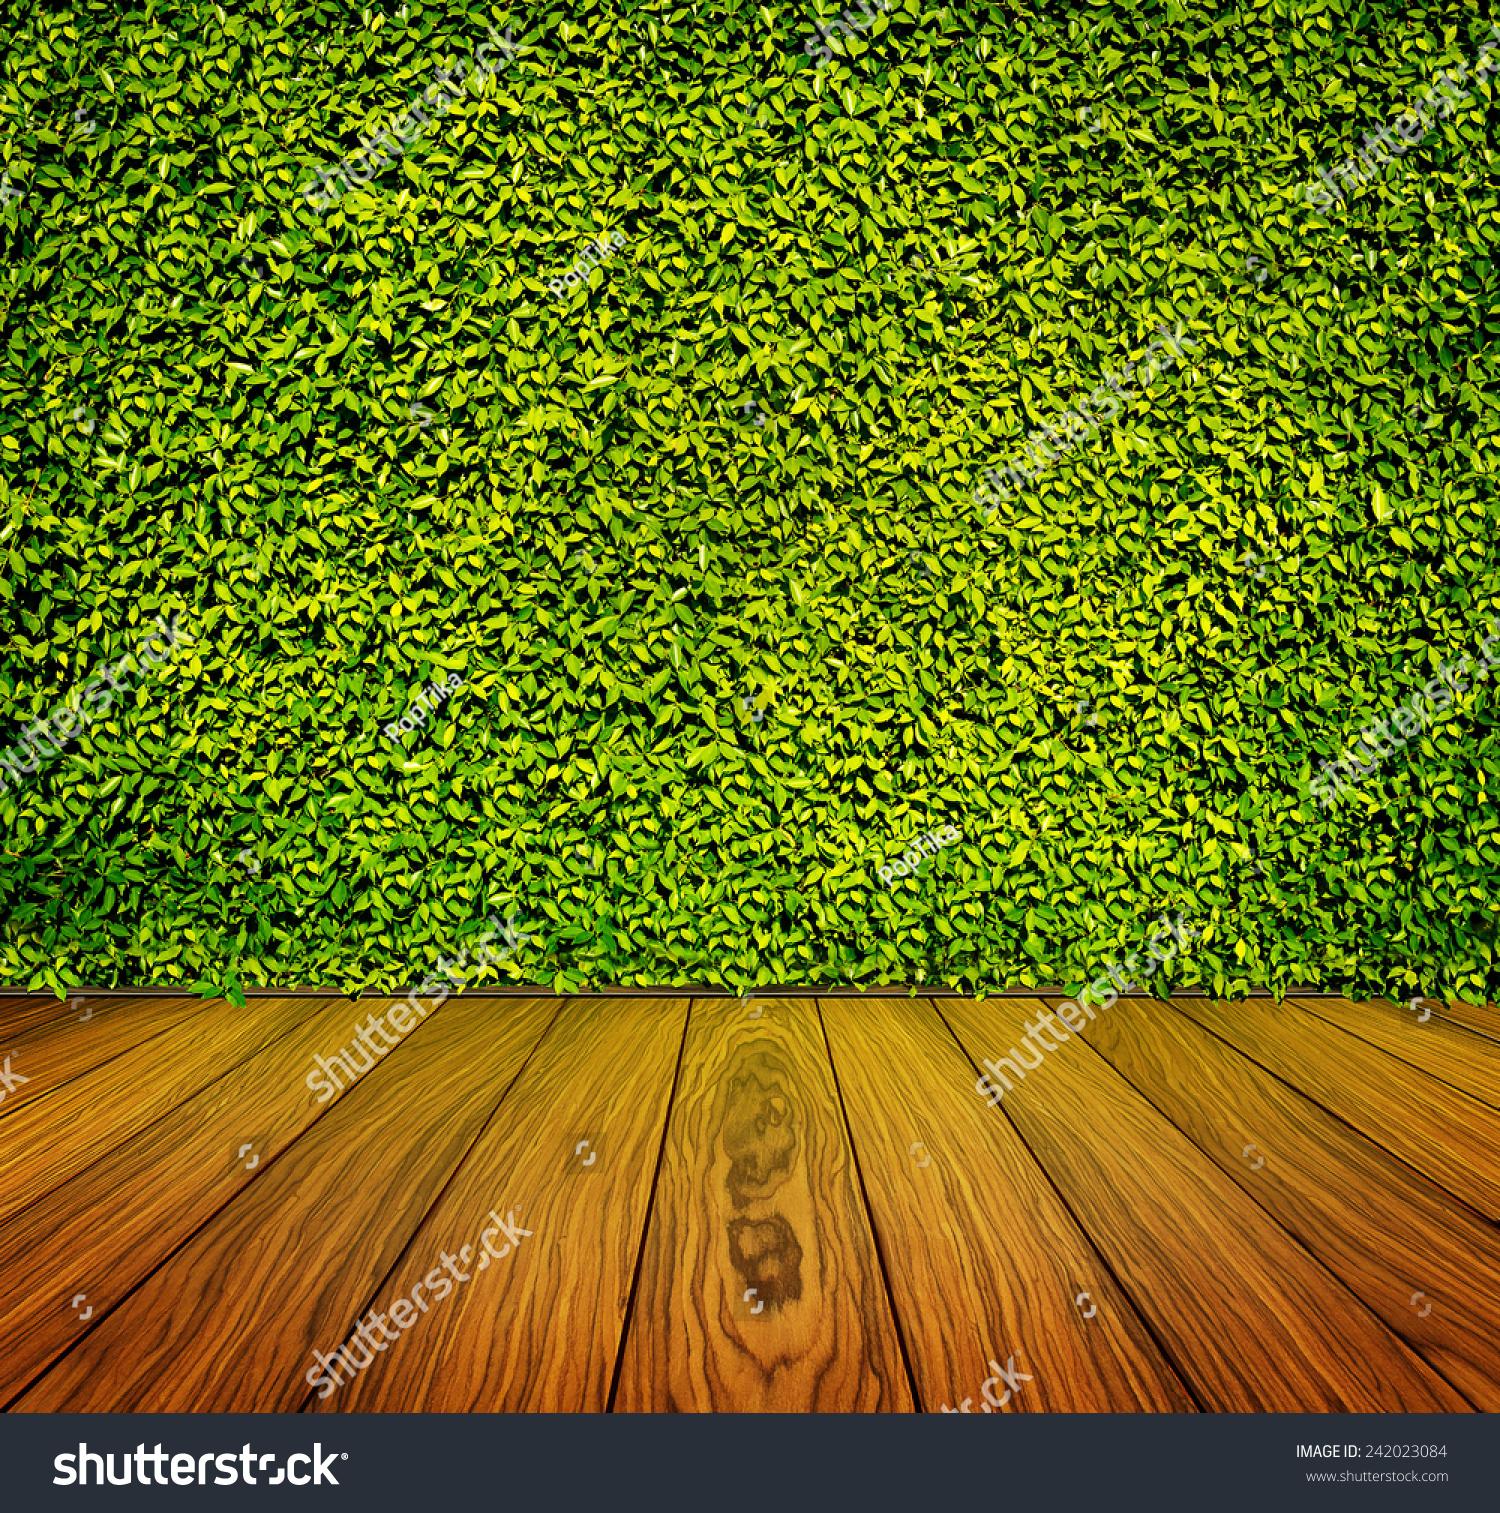 绿叶和木地板的背景墙 - 背景/素材,自然 - 站酷海洛创意正版图片,视频,音乐素材交易平台 - Shutterstock中国独家合作伙伴 - 站酷旗下品牌